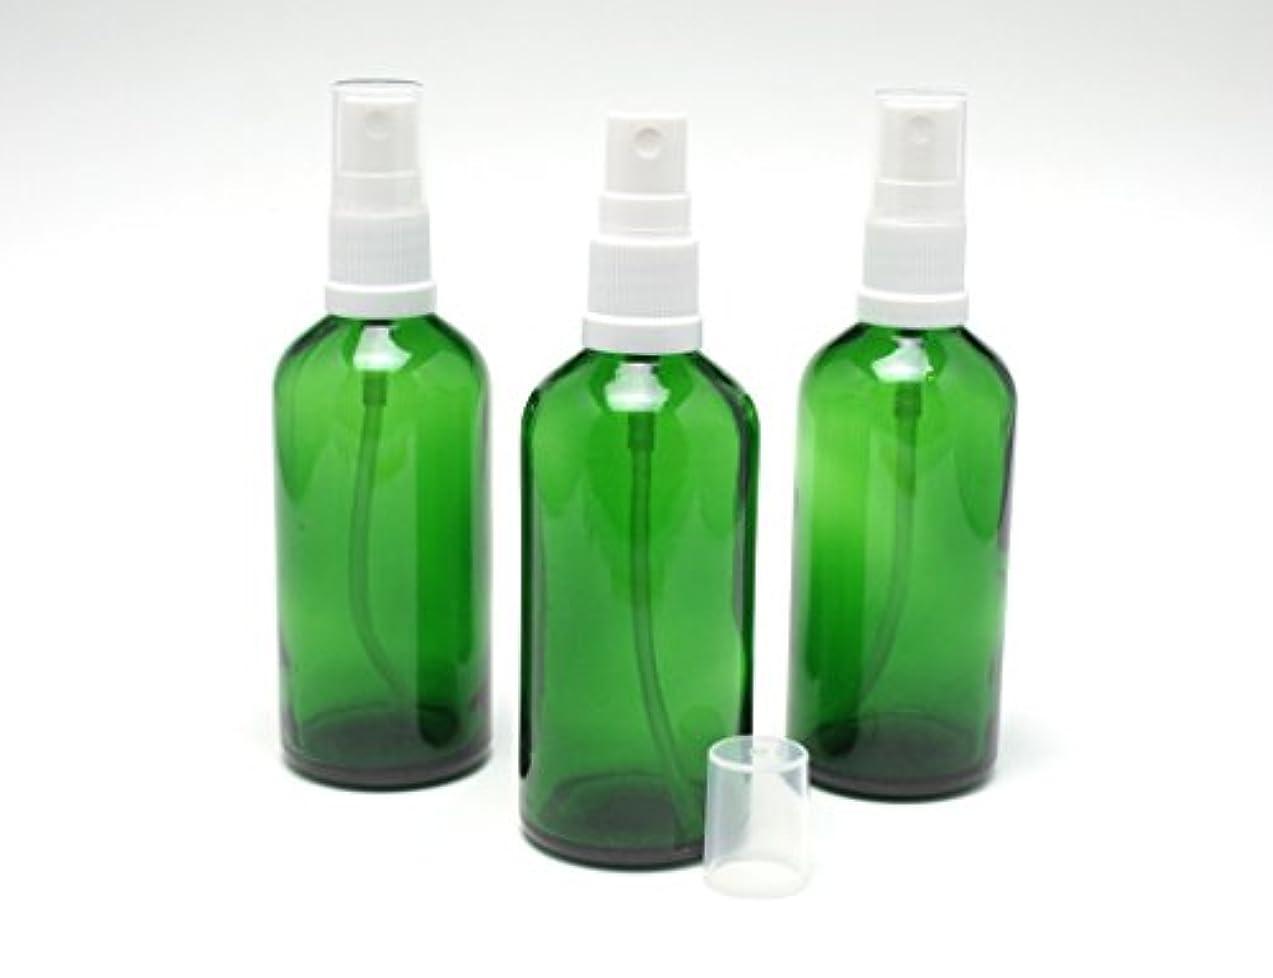 レイ最初は受益者遮光瓶 スプレーボトル (グラス/アトマイザー) 100ml / グリーン ホワイトヘッド 3本セット 【新品アウトレット商品 】